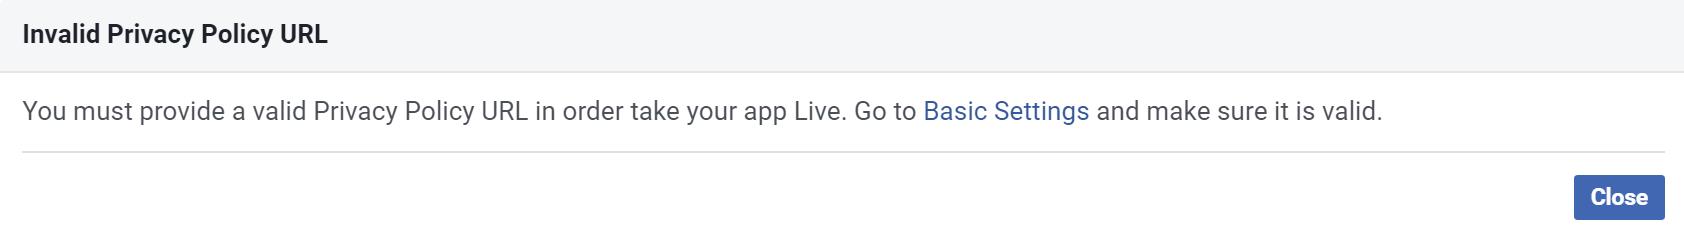 Facebook App Privacy Policy Error